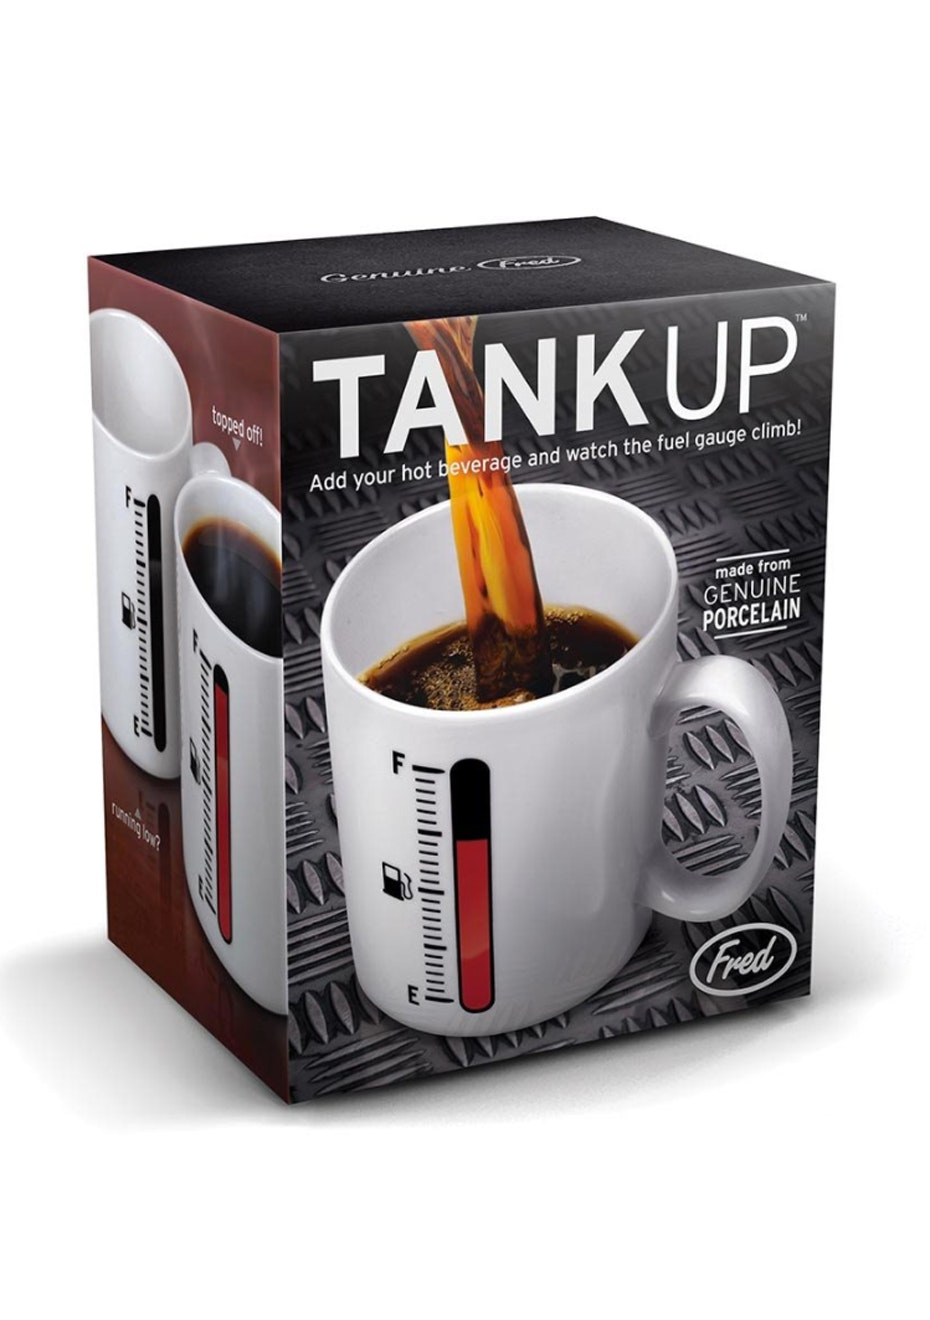 Tank Up